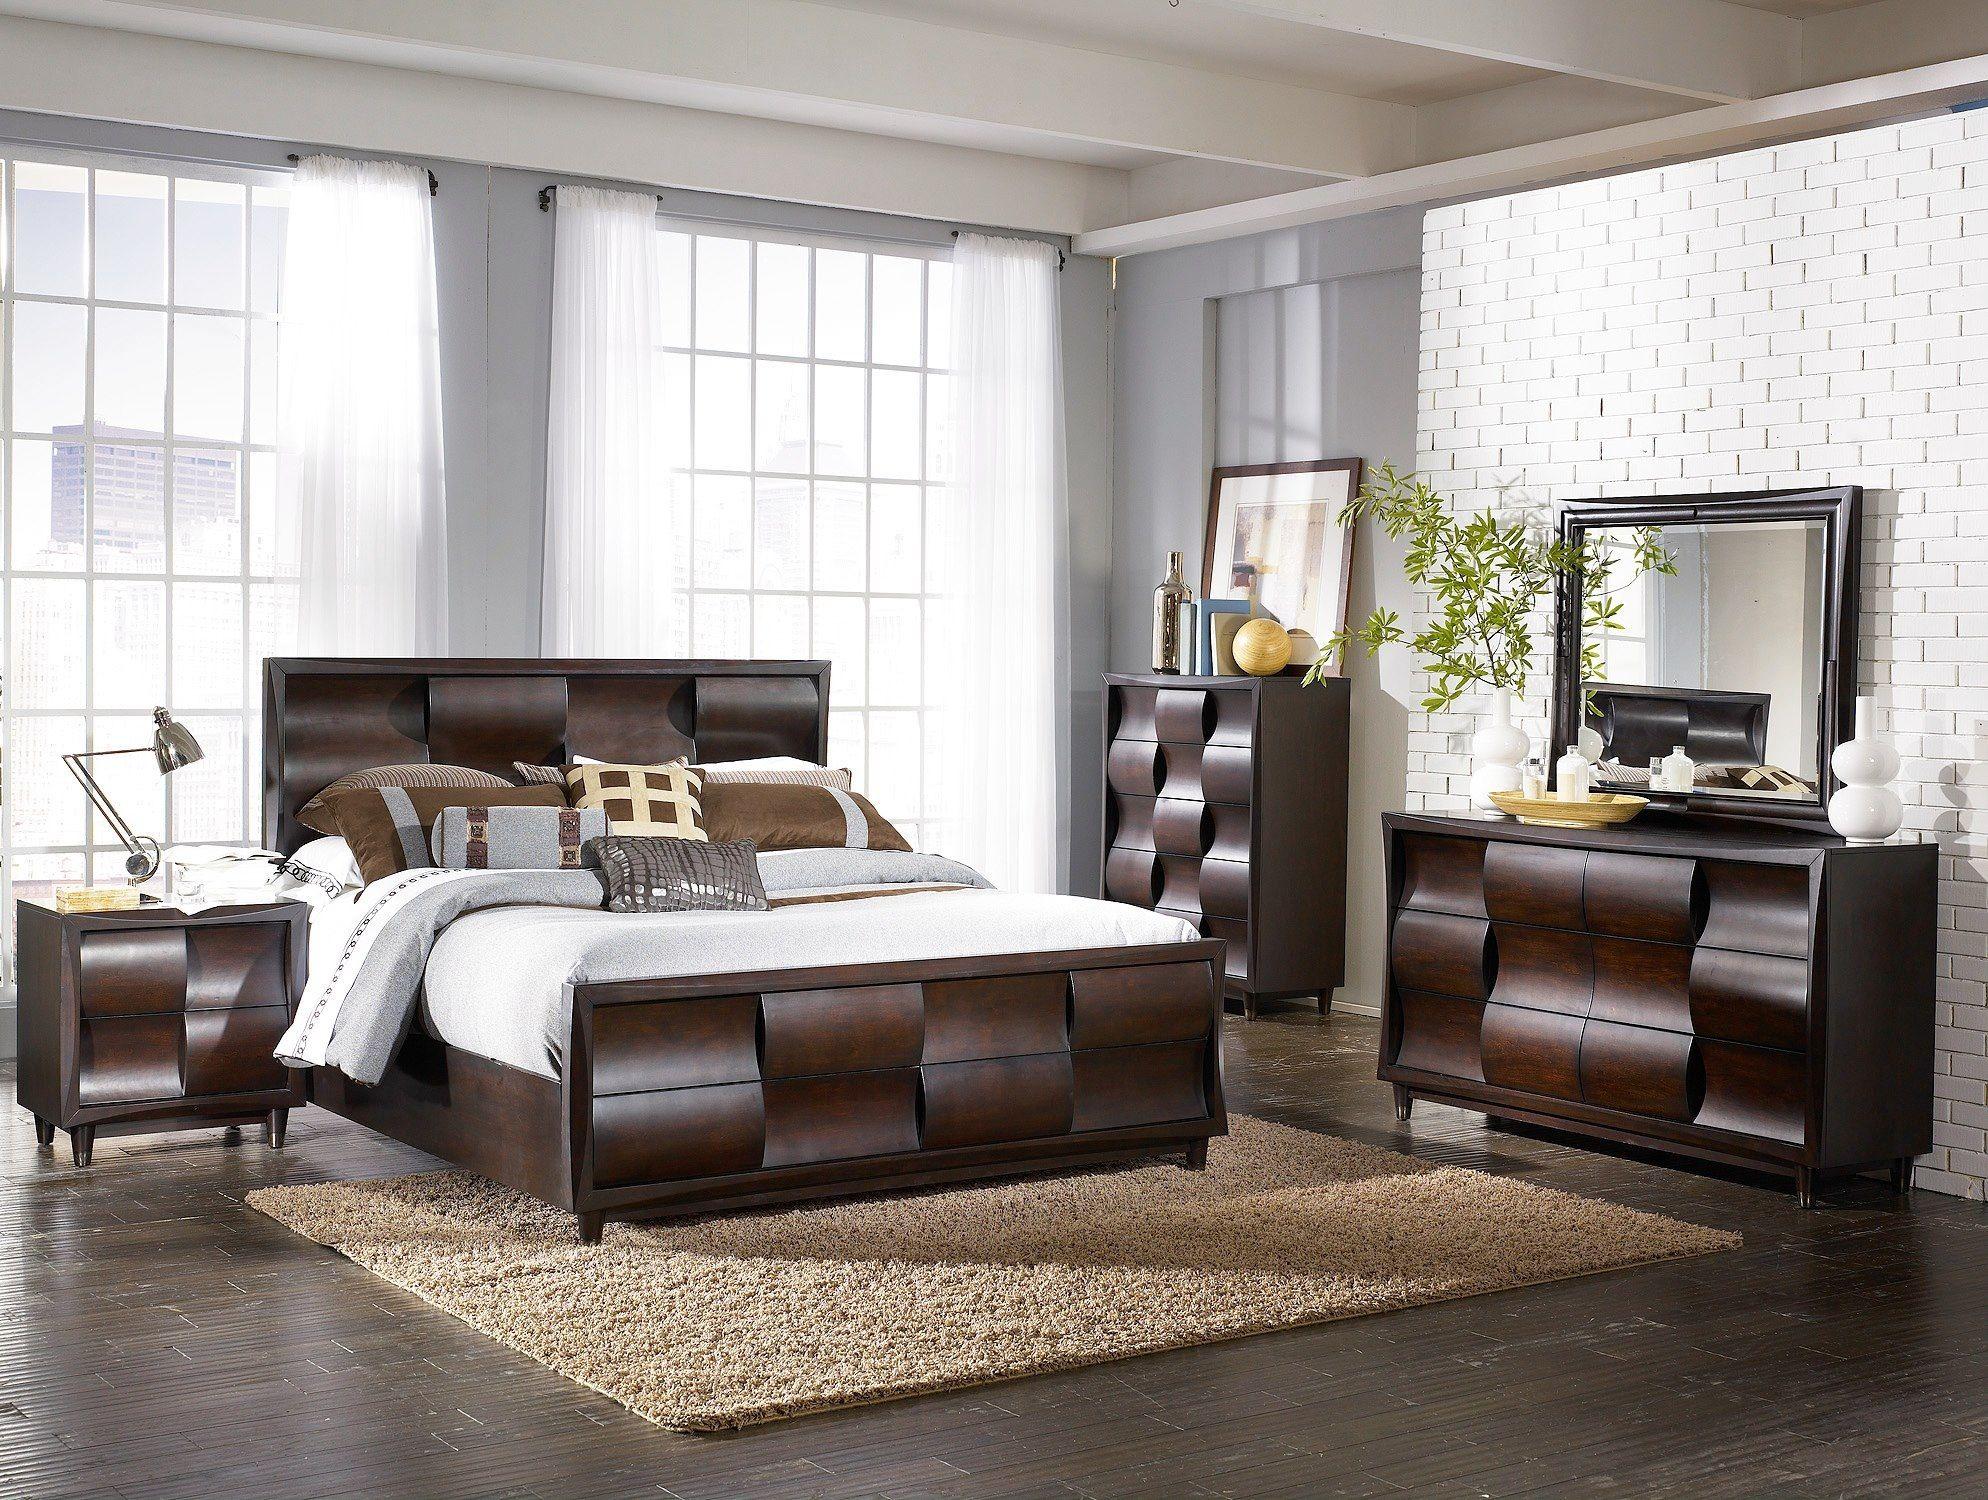 Simmons Bedroom Furniture Juego De Cuarto Master Muebleria Berrios 1795 5 Piezas 2395